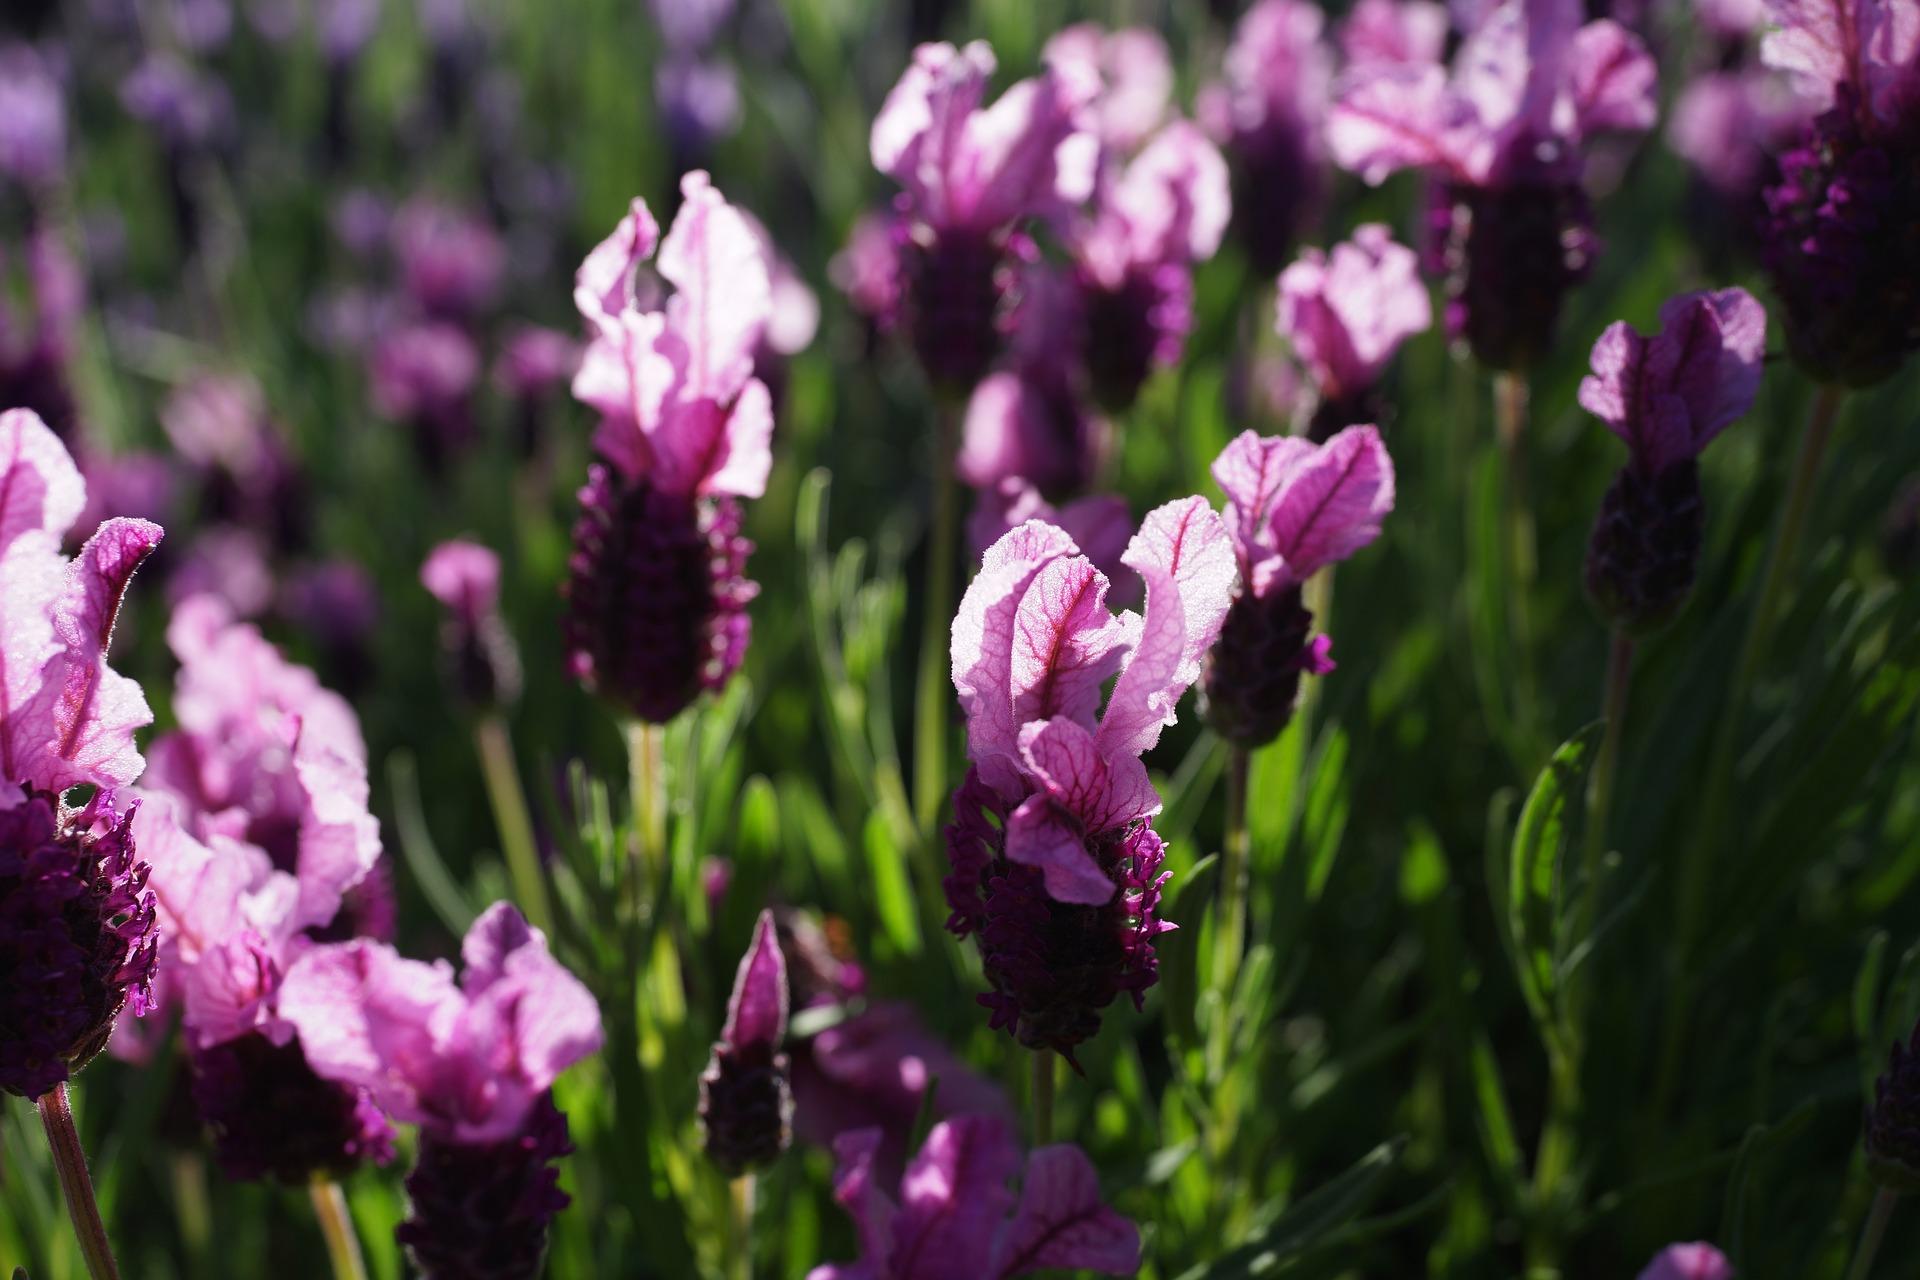 Lavender garden 2852122 1920